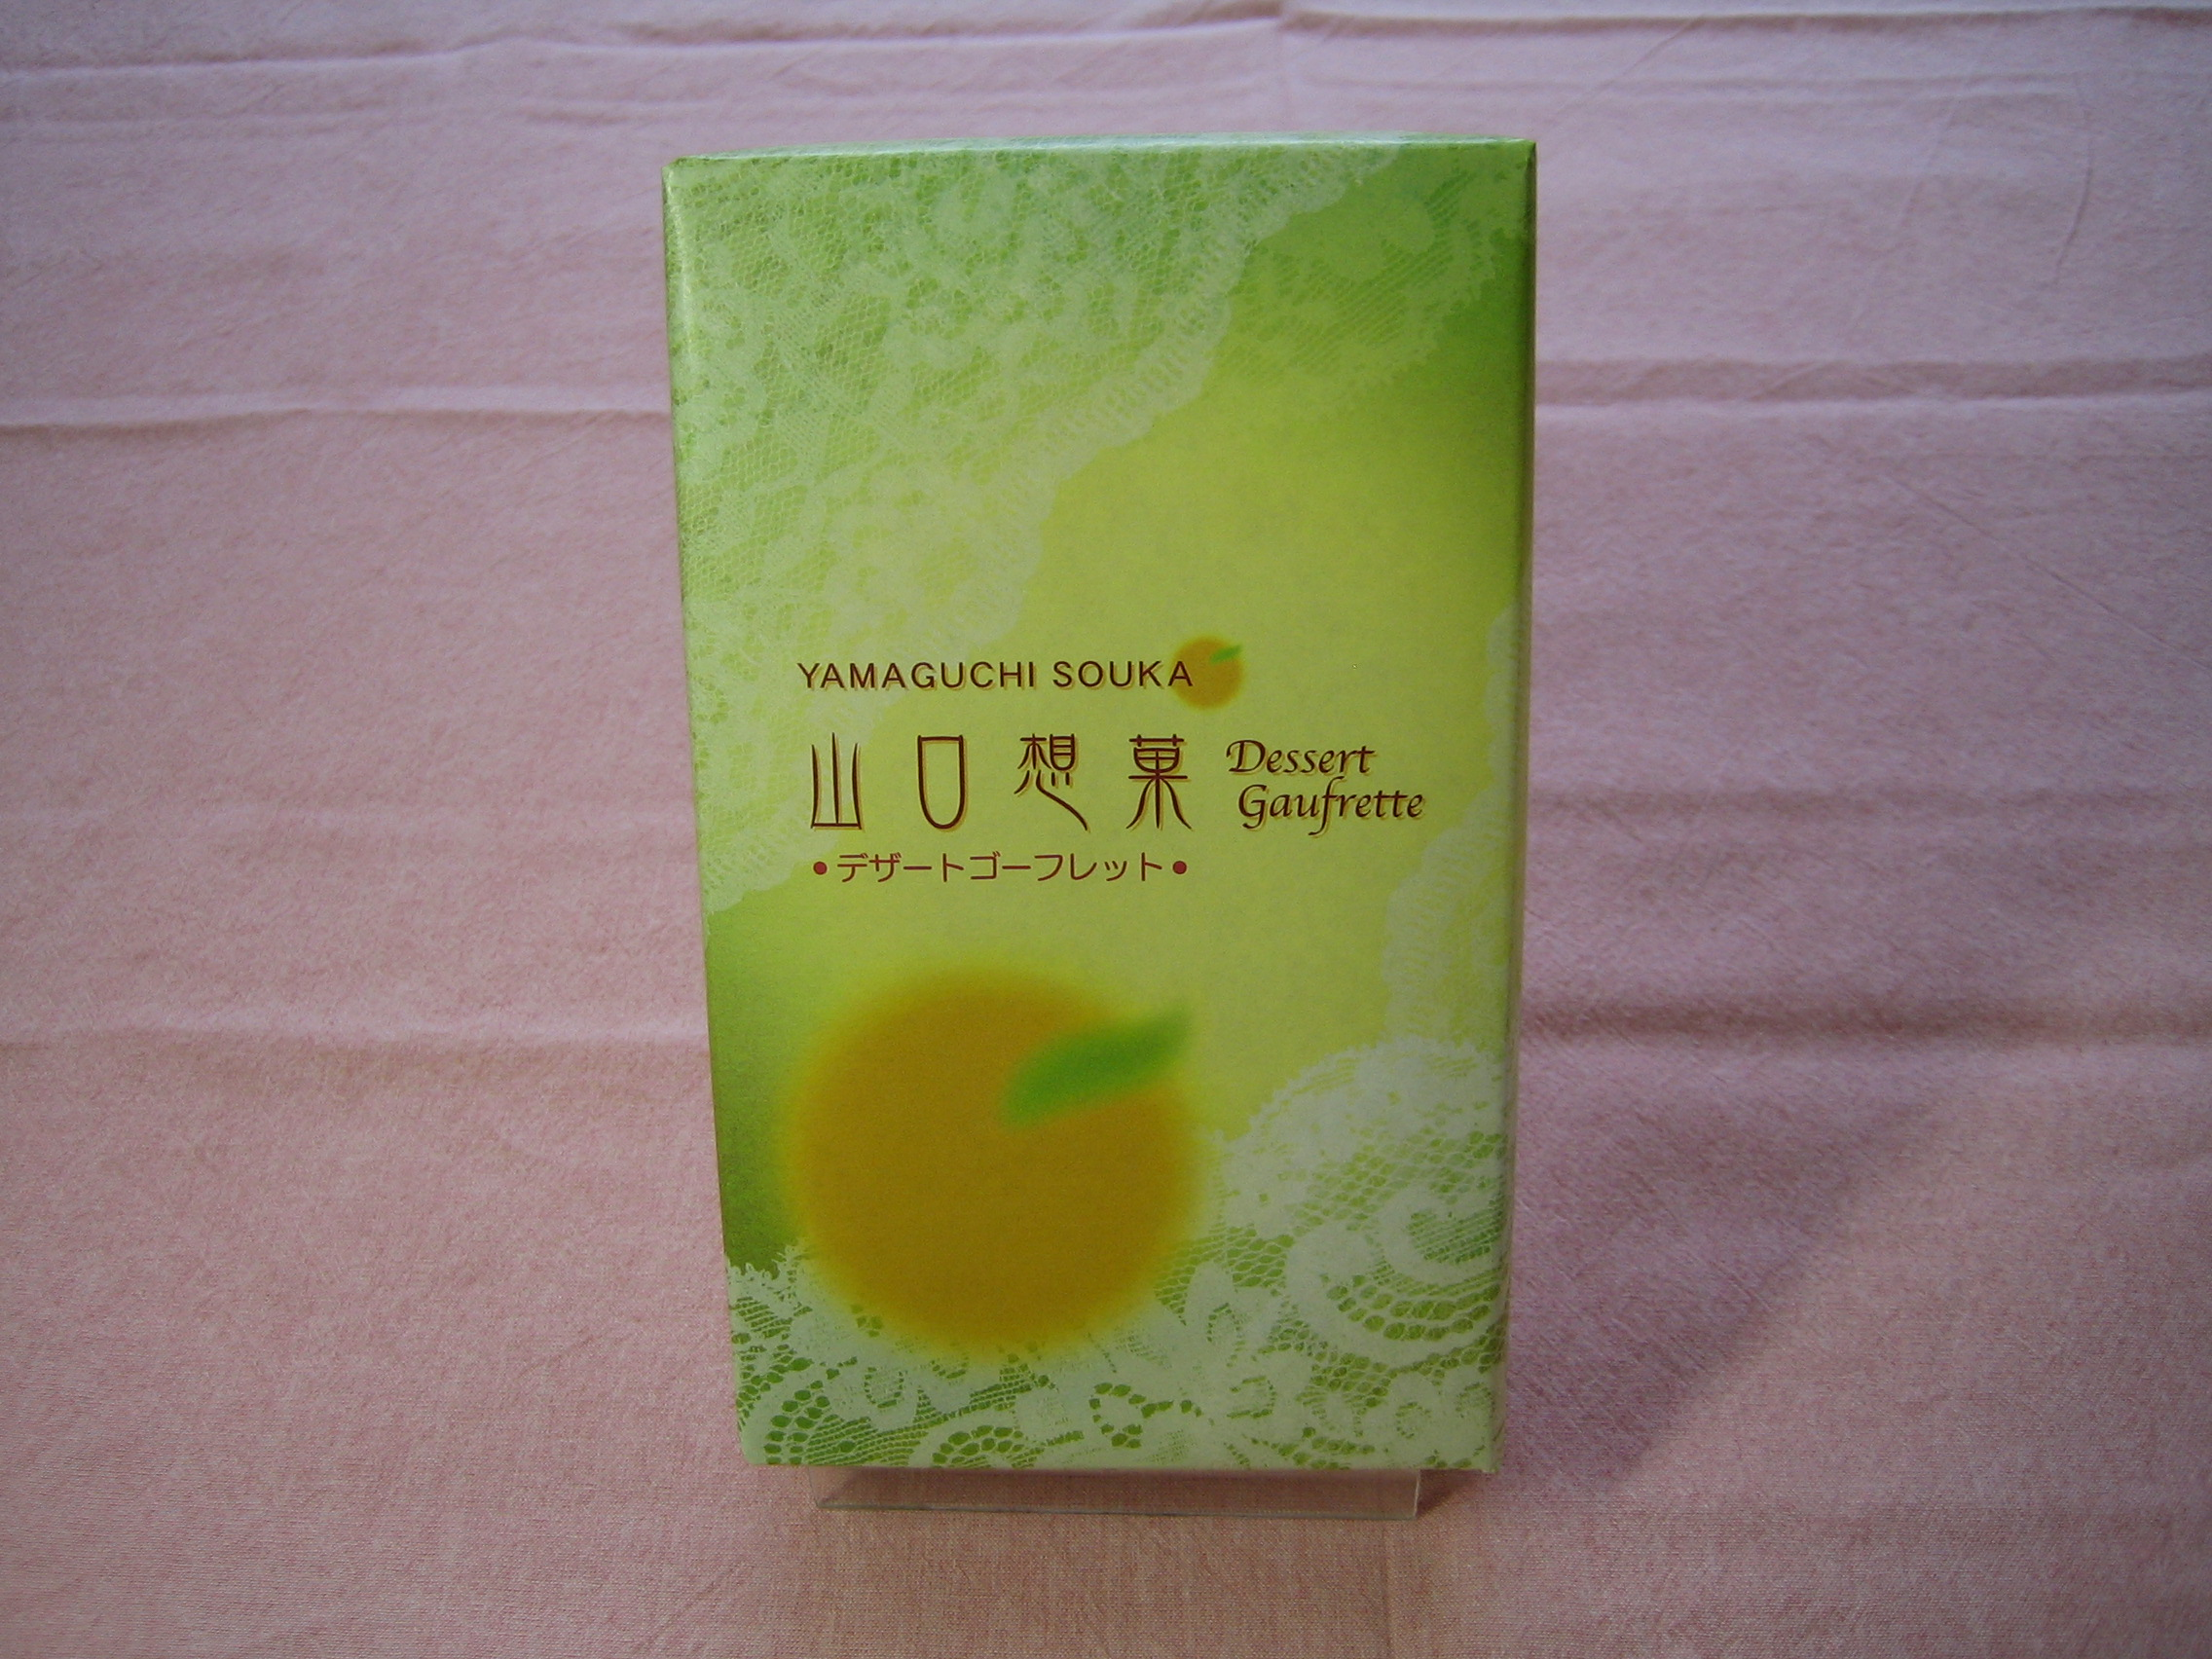 山口想菓~デザートゴーフレット~ 小01